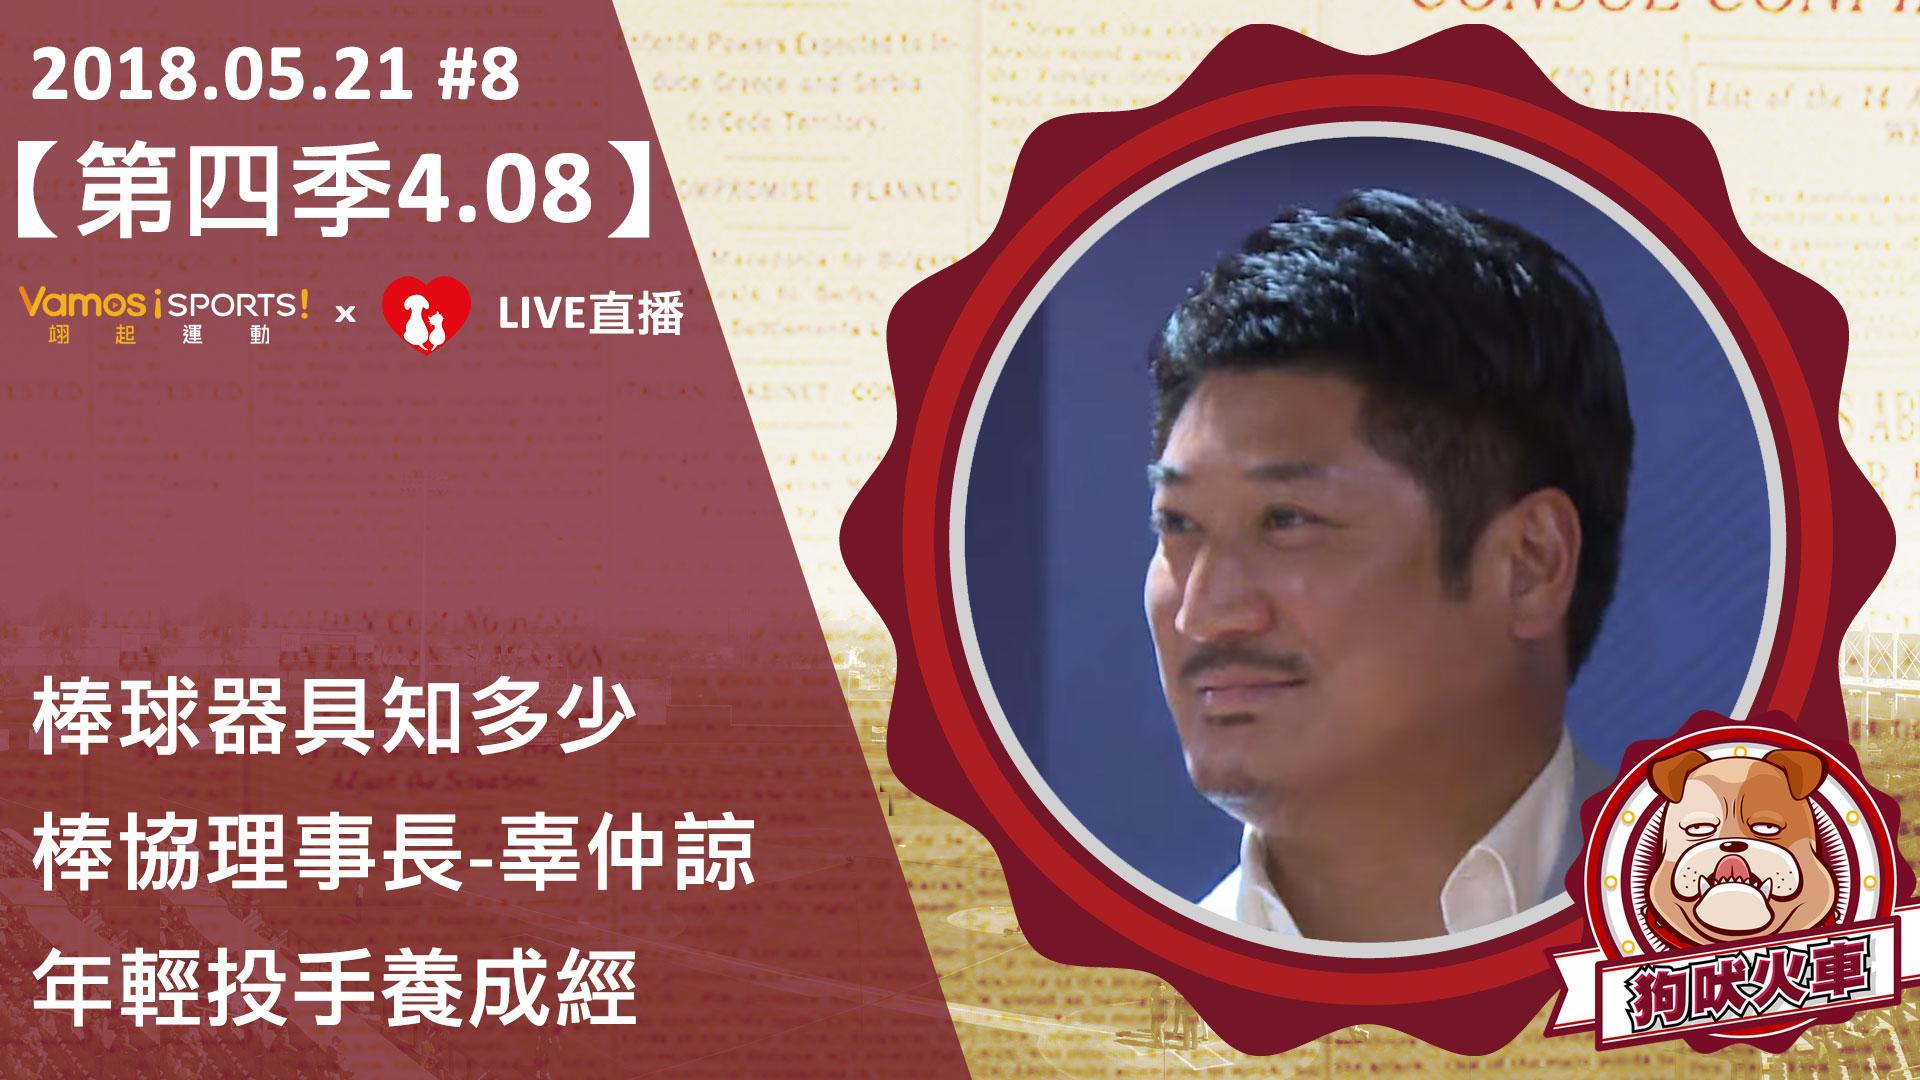 【狗吠火車4.08】棒協理事長 辜仲諒凍蒜!